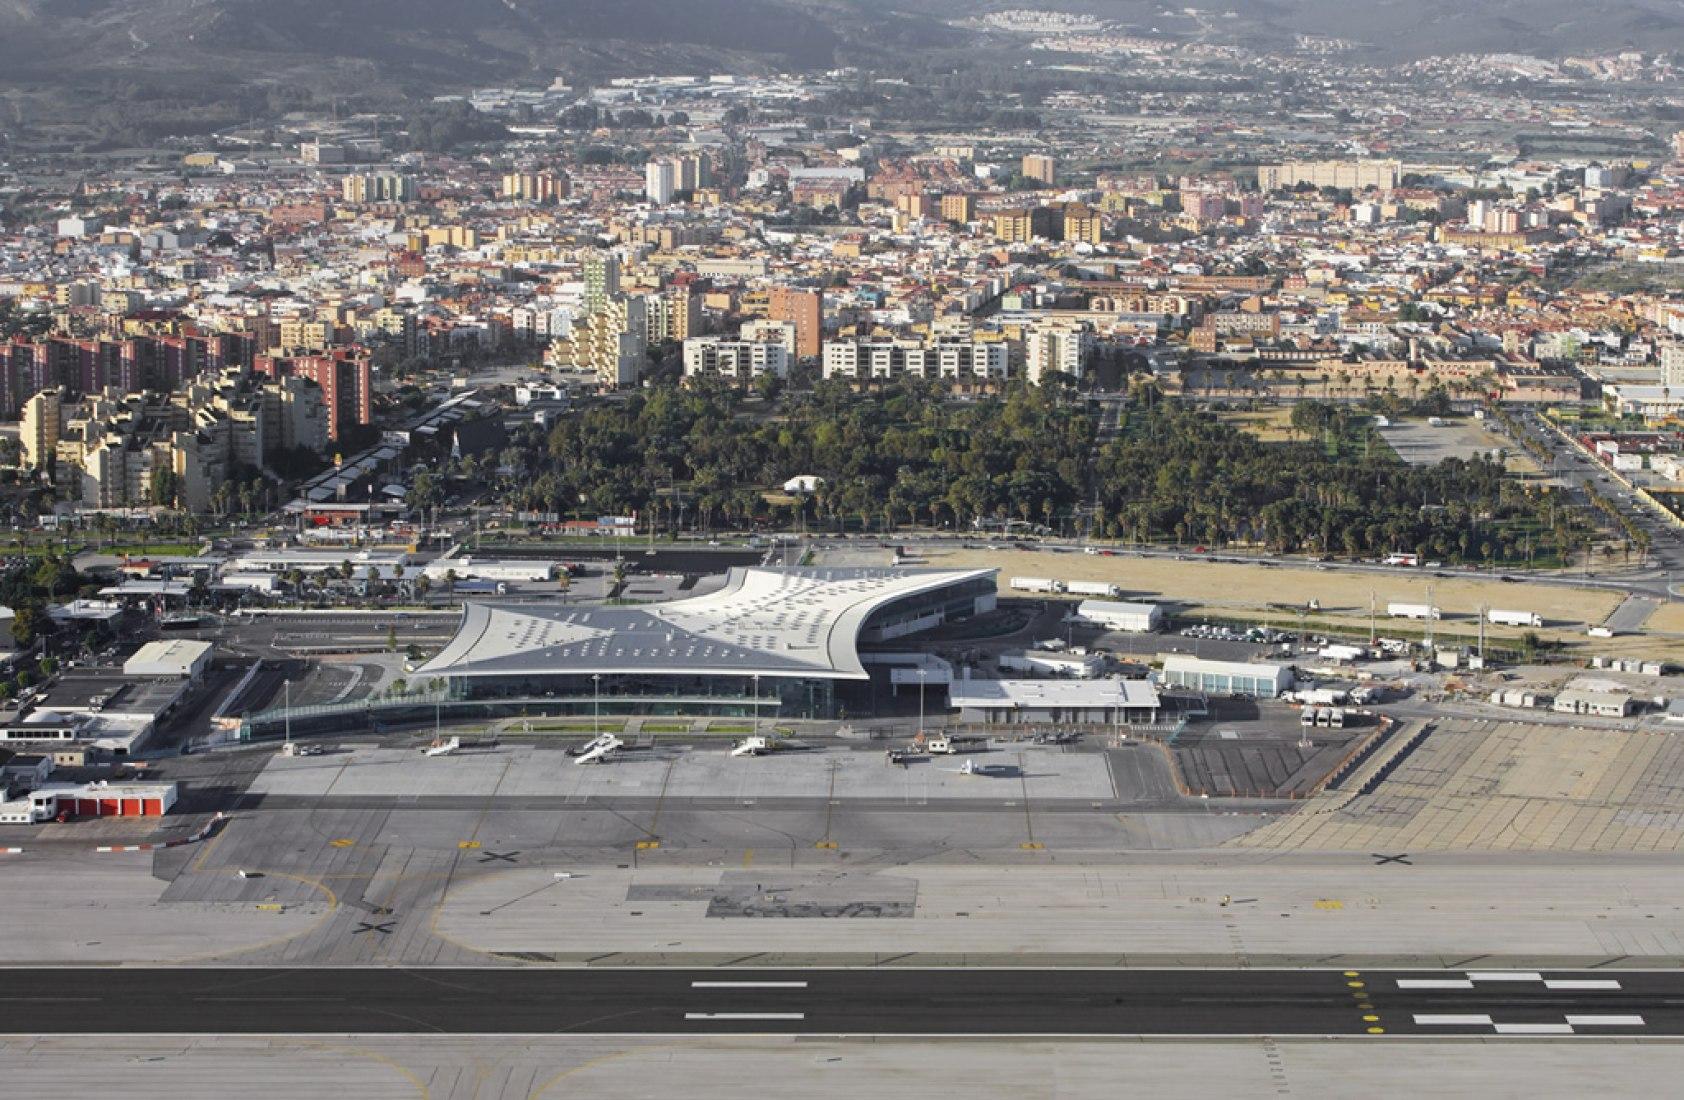 Emplazamiento del Aeropuerto de Gibraltar por bblur architecture con 3DReid. Fotografía © Hufton + Crow. Cortesía de Daniel Bérubé.